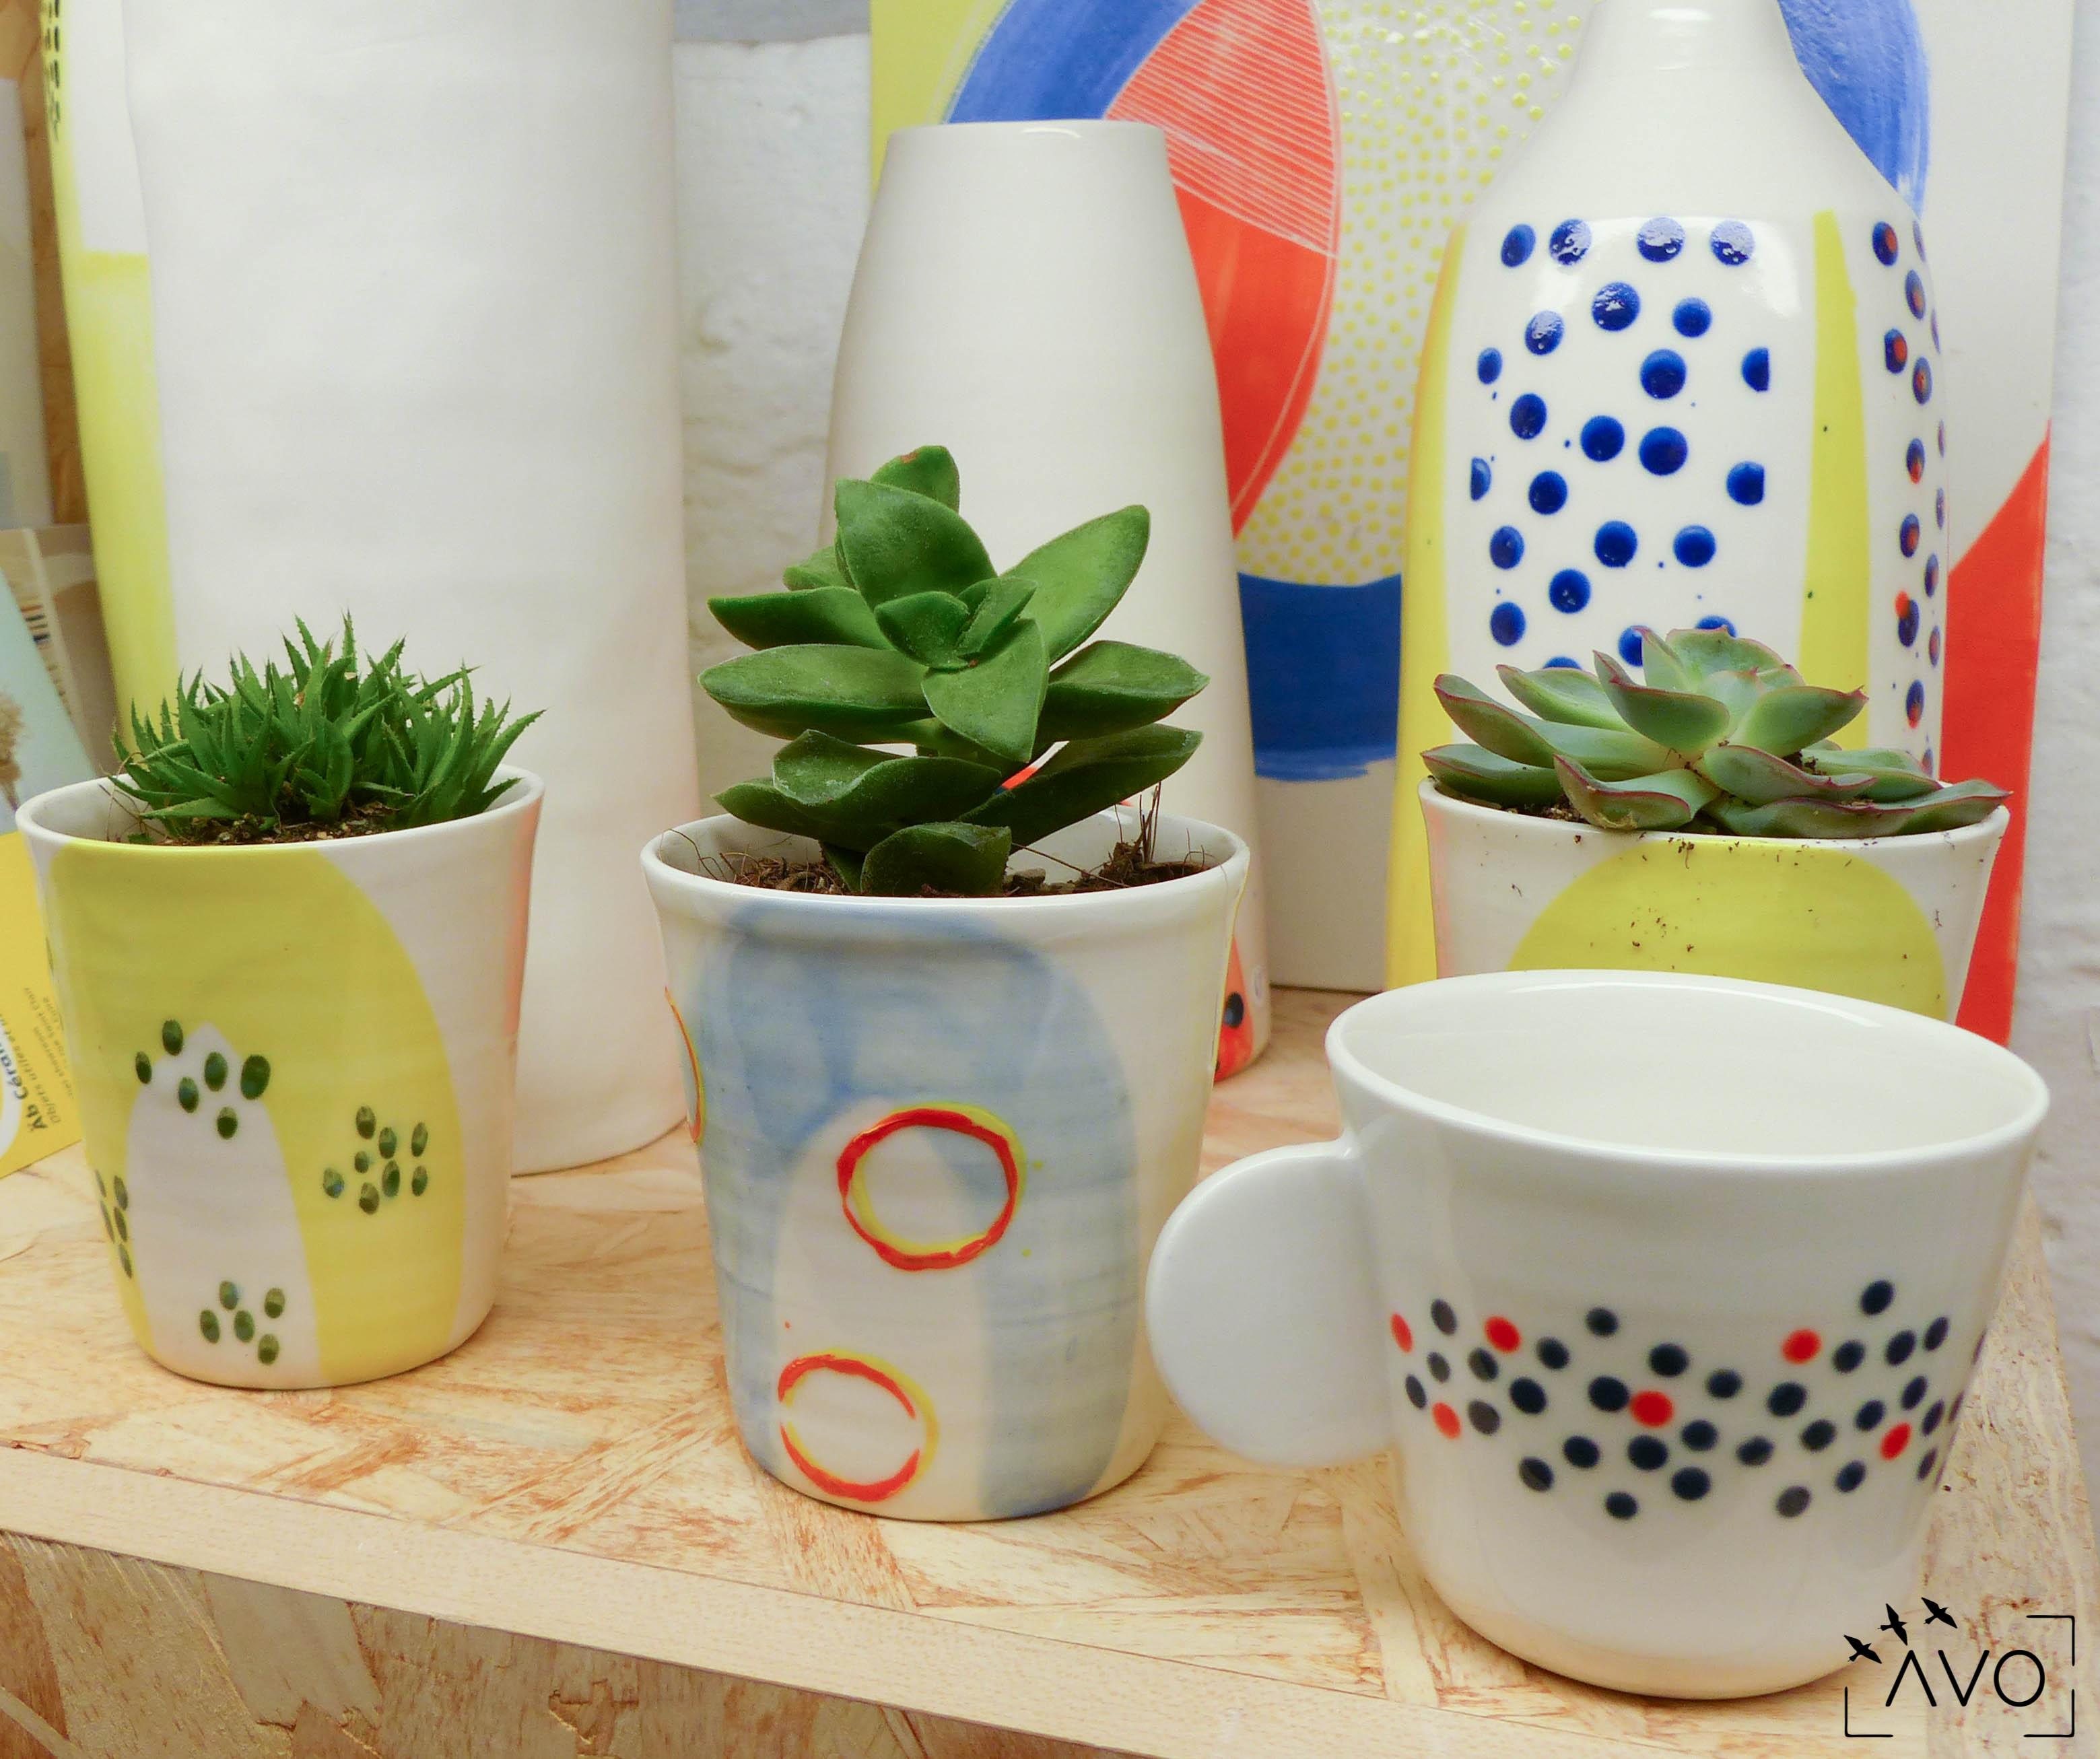 céramique tasse pois porcelaine caluire lyon abcéramique atelier blanc couleur rond pois